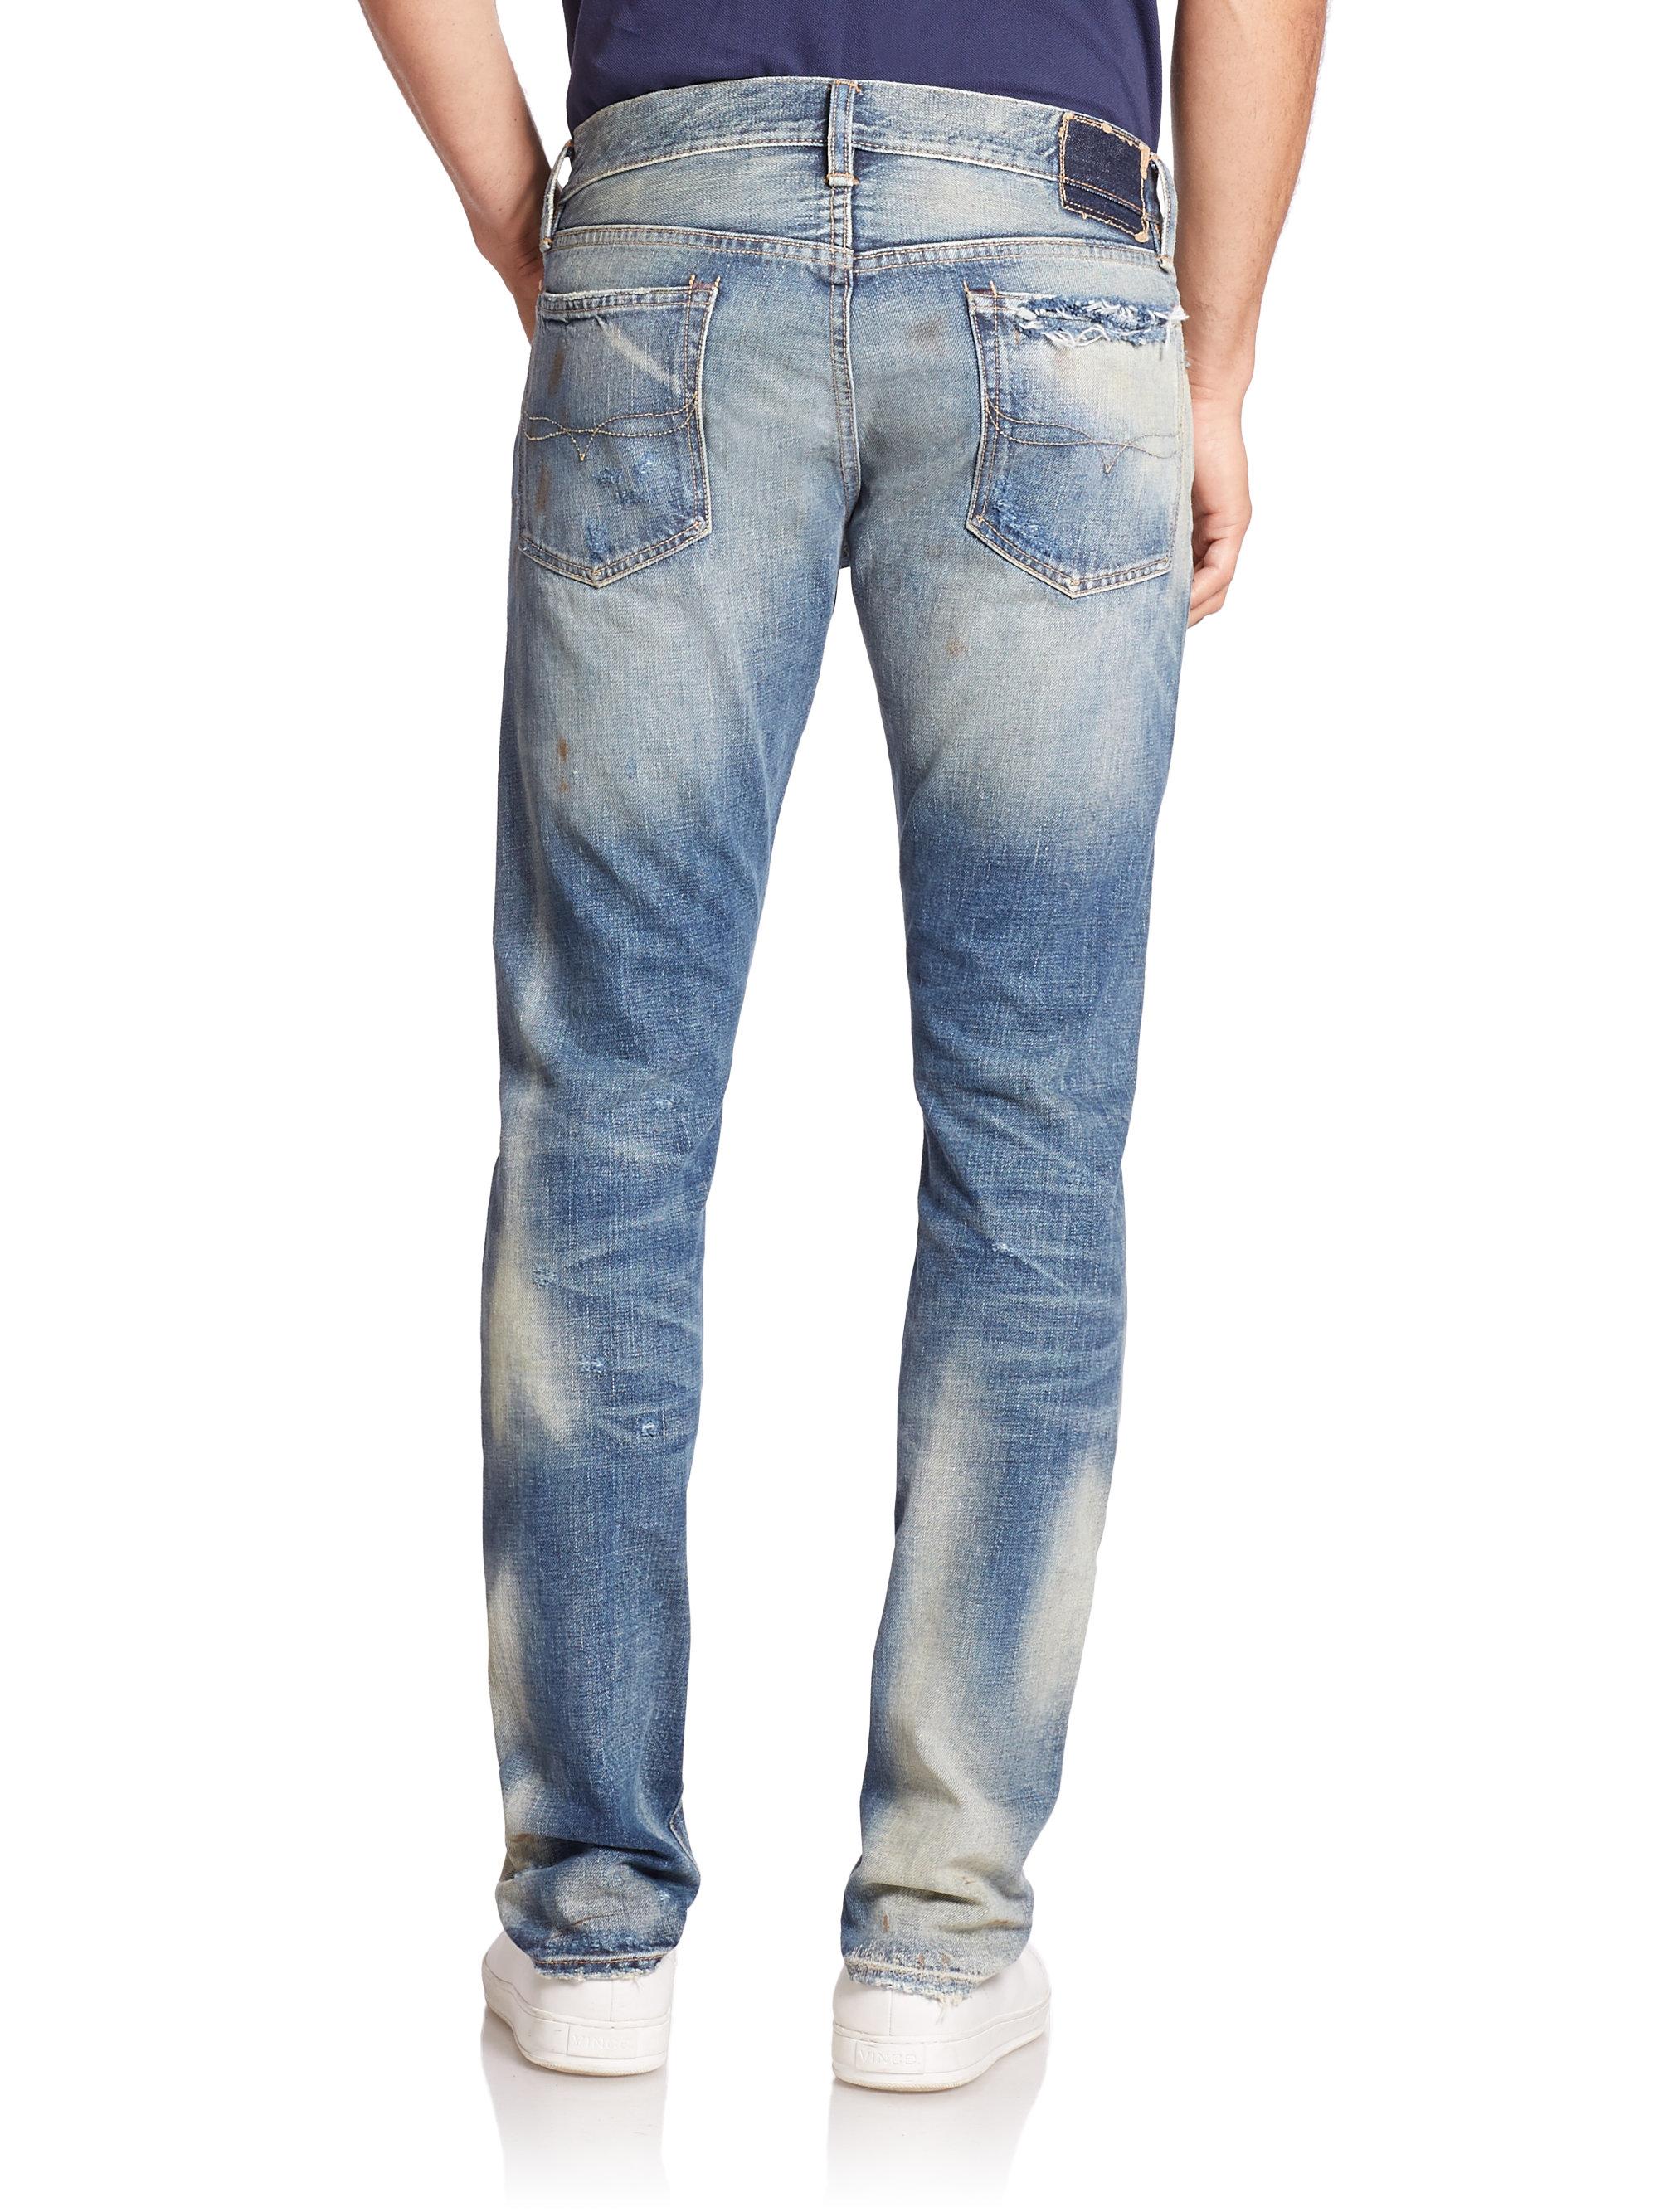 polo ralph lauren sullivan slim fit jeans in blue for men. Black Bedroom Furniture Sets. Home Design Ideas